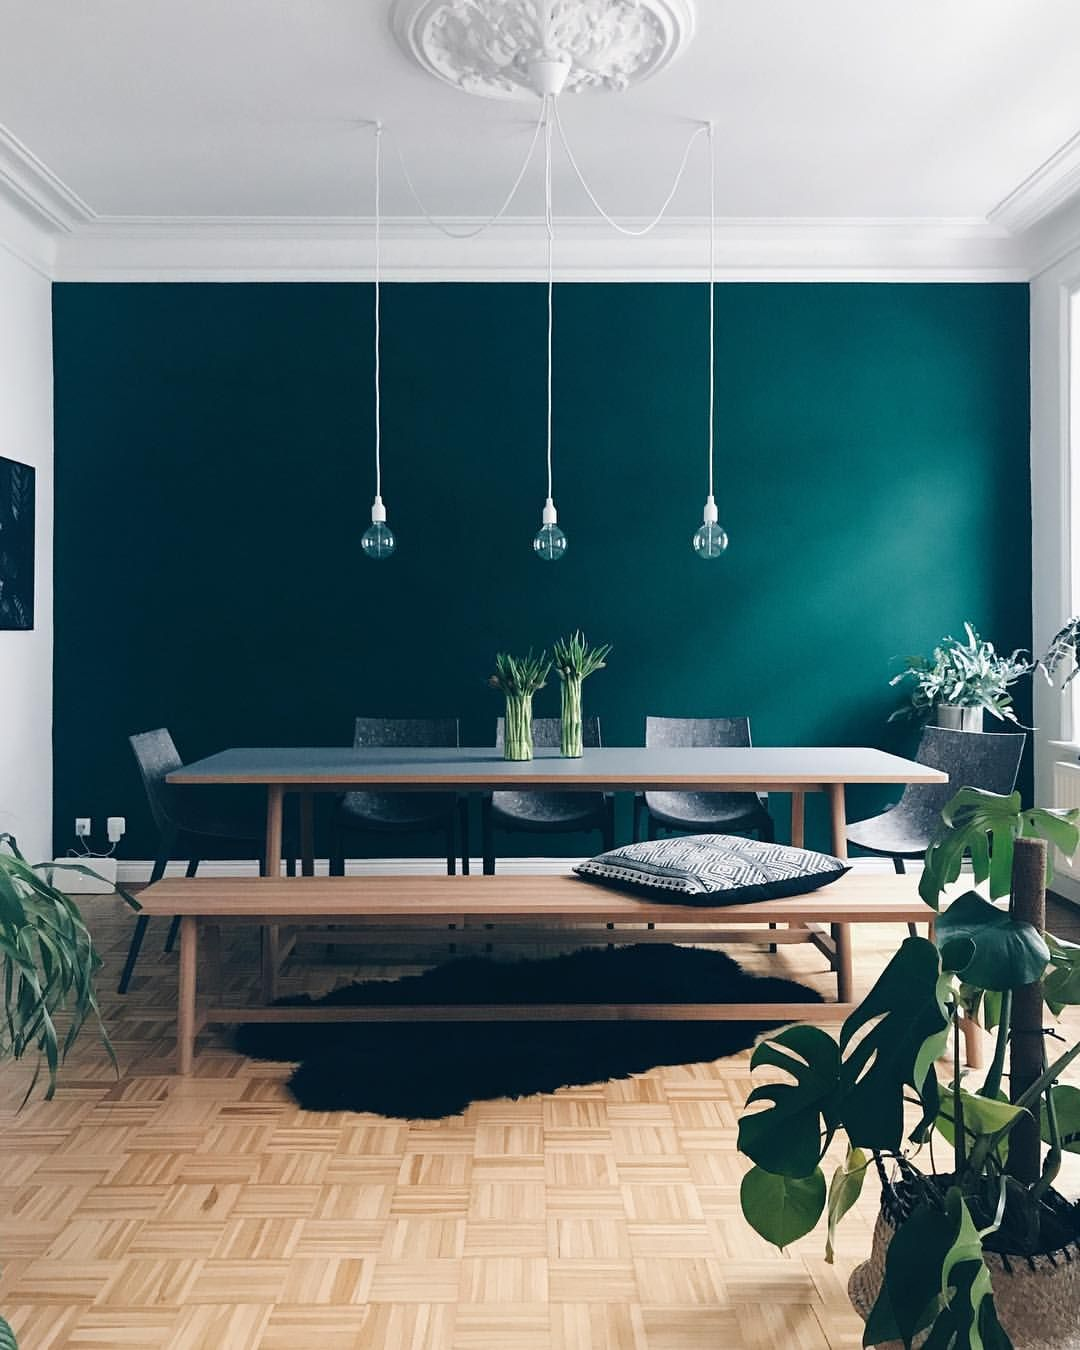 Grun Grun Grun Ist Alles Was Ich Habe Auch Wenn Ich Mir Wunschte Mal Wieder Blau Zu Sein Kleinerfreitag Dining Room Design Wood Dining Room Table Decor